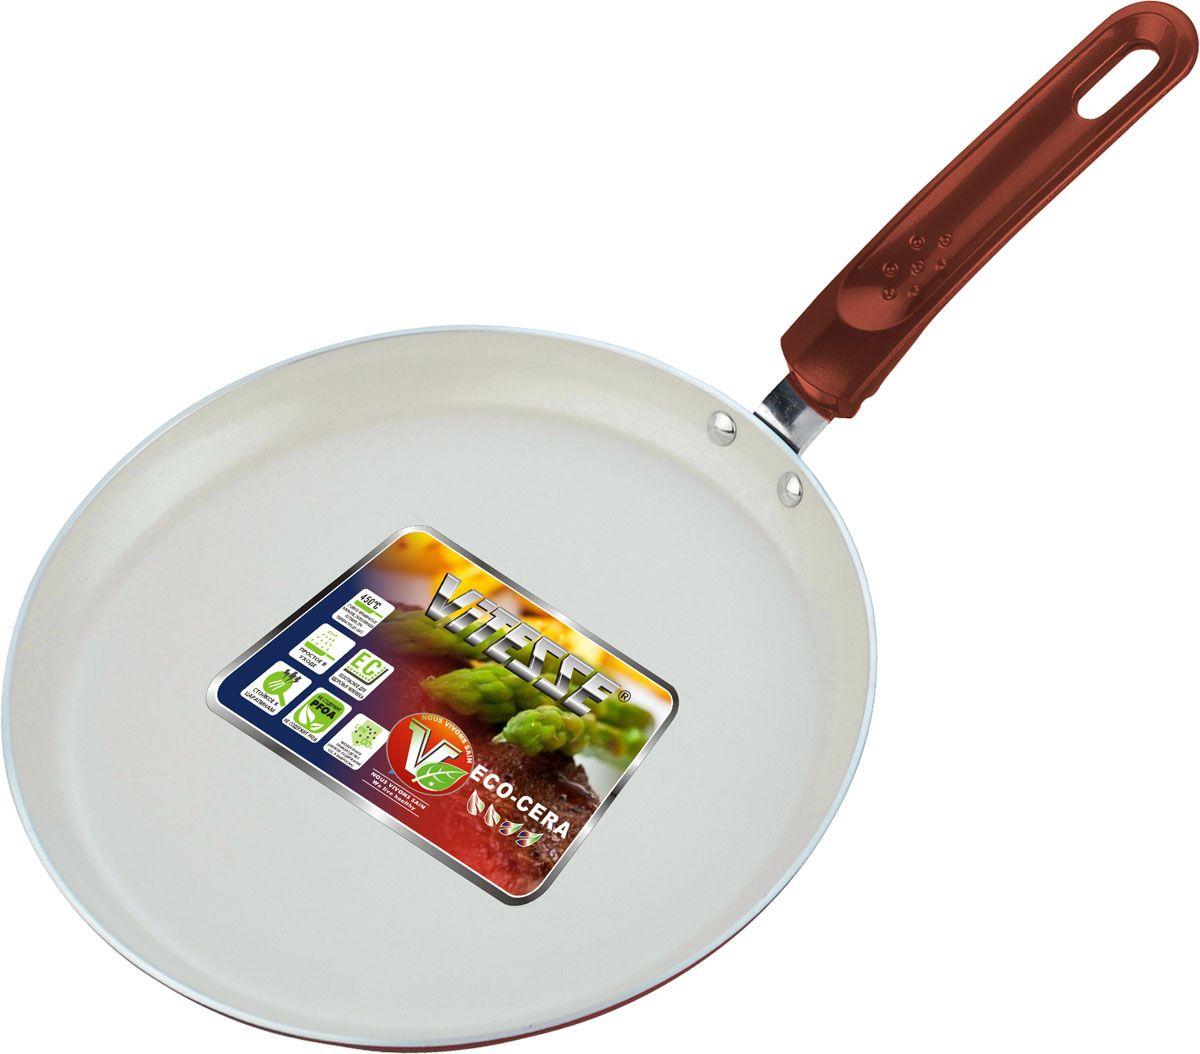 Сковорода для блинов Vitesse, цвет: синий. Диаметр 26 см. VS-741054 009312Сковорода Vitesse станет незаменимым помощником на кухне. Особенности:Изготовлена из высококачественного алюминия, толщина - 2,5 мм. Внешнее элегантное цветное покрытие, подвергшееся высокотемпературной обработке. Бакелитовая, высокопрочная, огнестойкая, не нагревающаяся ручка удобной формы крепится к корпусу на заклепках. Внутреннее керамическое покрытие.Быстрый нагрев и равномерное распределение тепла по всей поверхности.Подходит только для газовых, чугунных, стеклокерамических и галогеновых конфорок (не подходит для индукции). Характеристики: Материал: алюминий, бакелит. Диаметр: 26 см. Длина ручки:17 см.